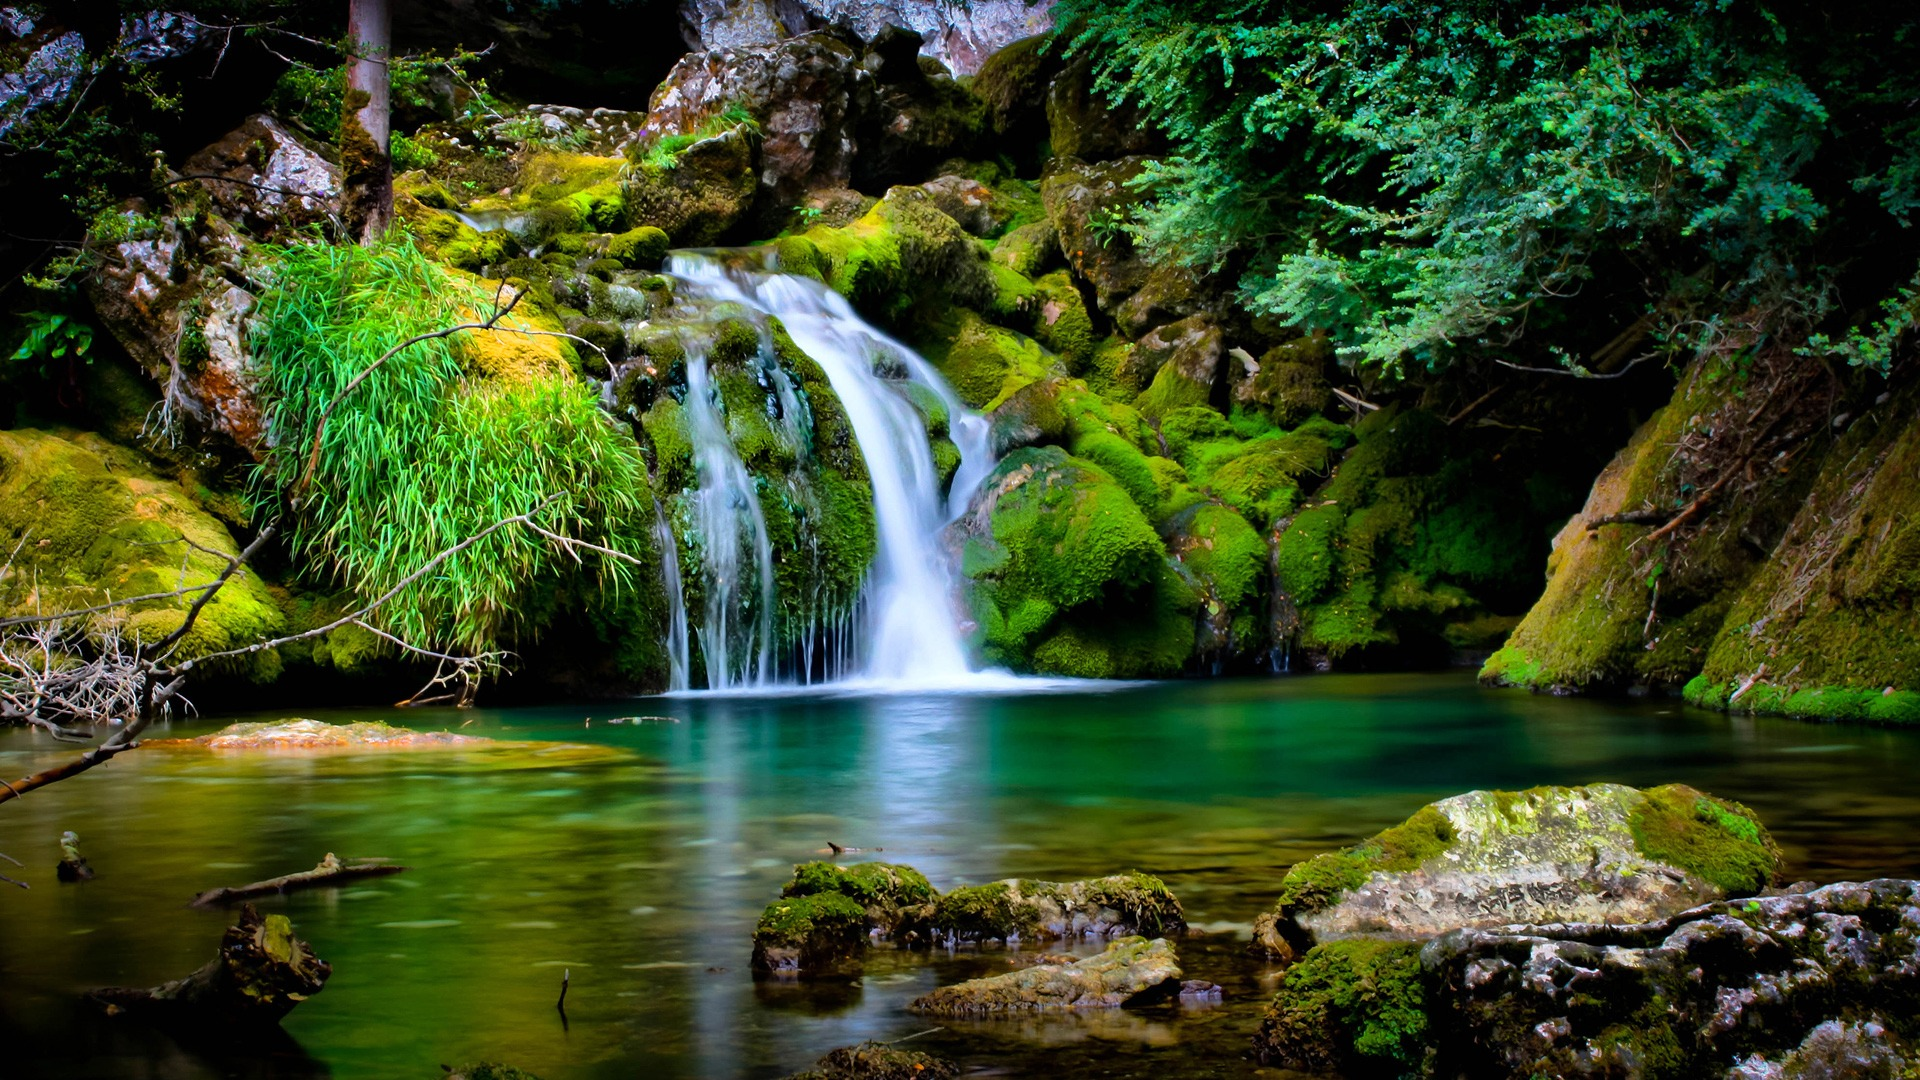 Garden Of Eden The New Divine Humanity